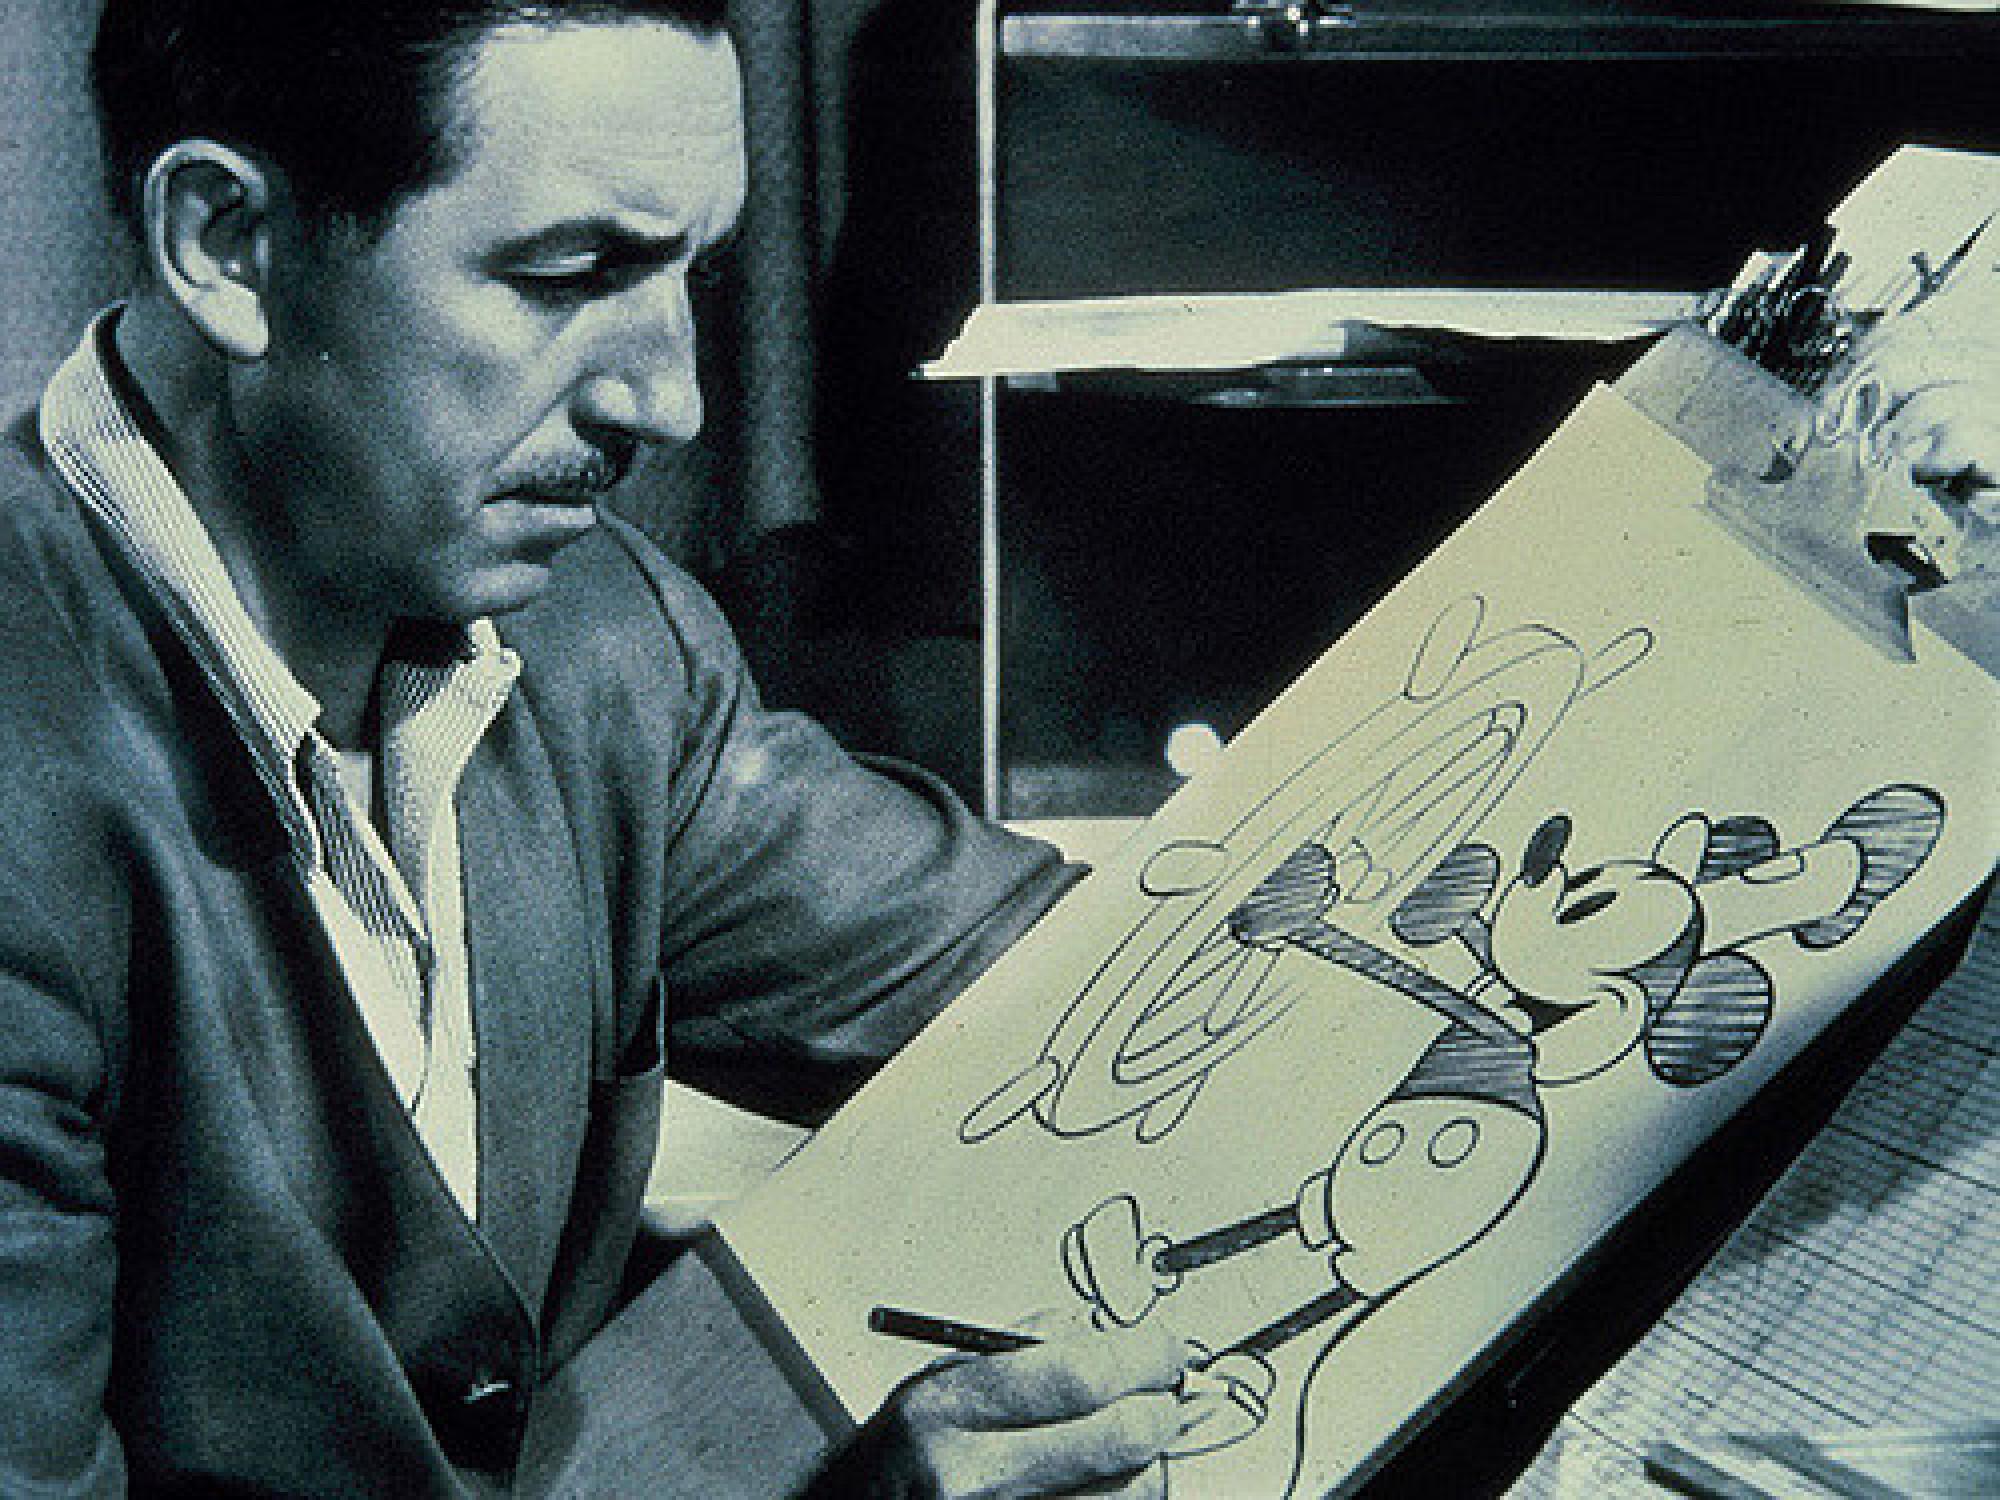 全世界で大人気となったミッキー・マウスを描くウォルト・ディズニー